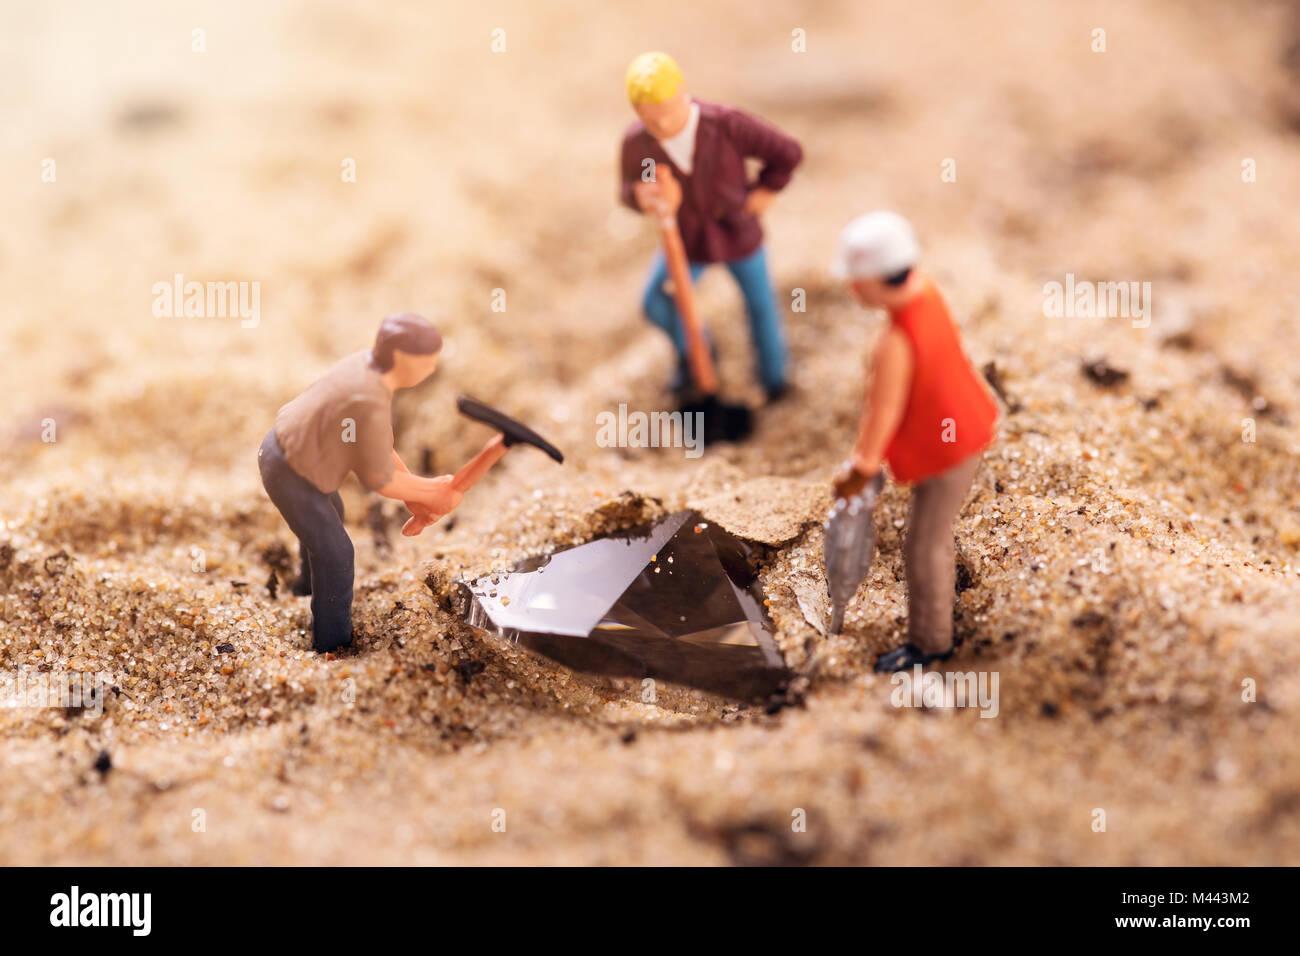 Diamond mining e far tesoro di concetto di ricerca Immagini Stock